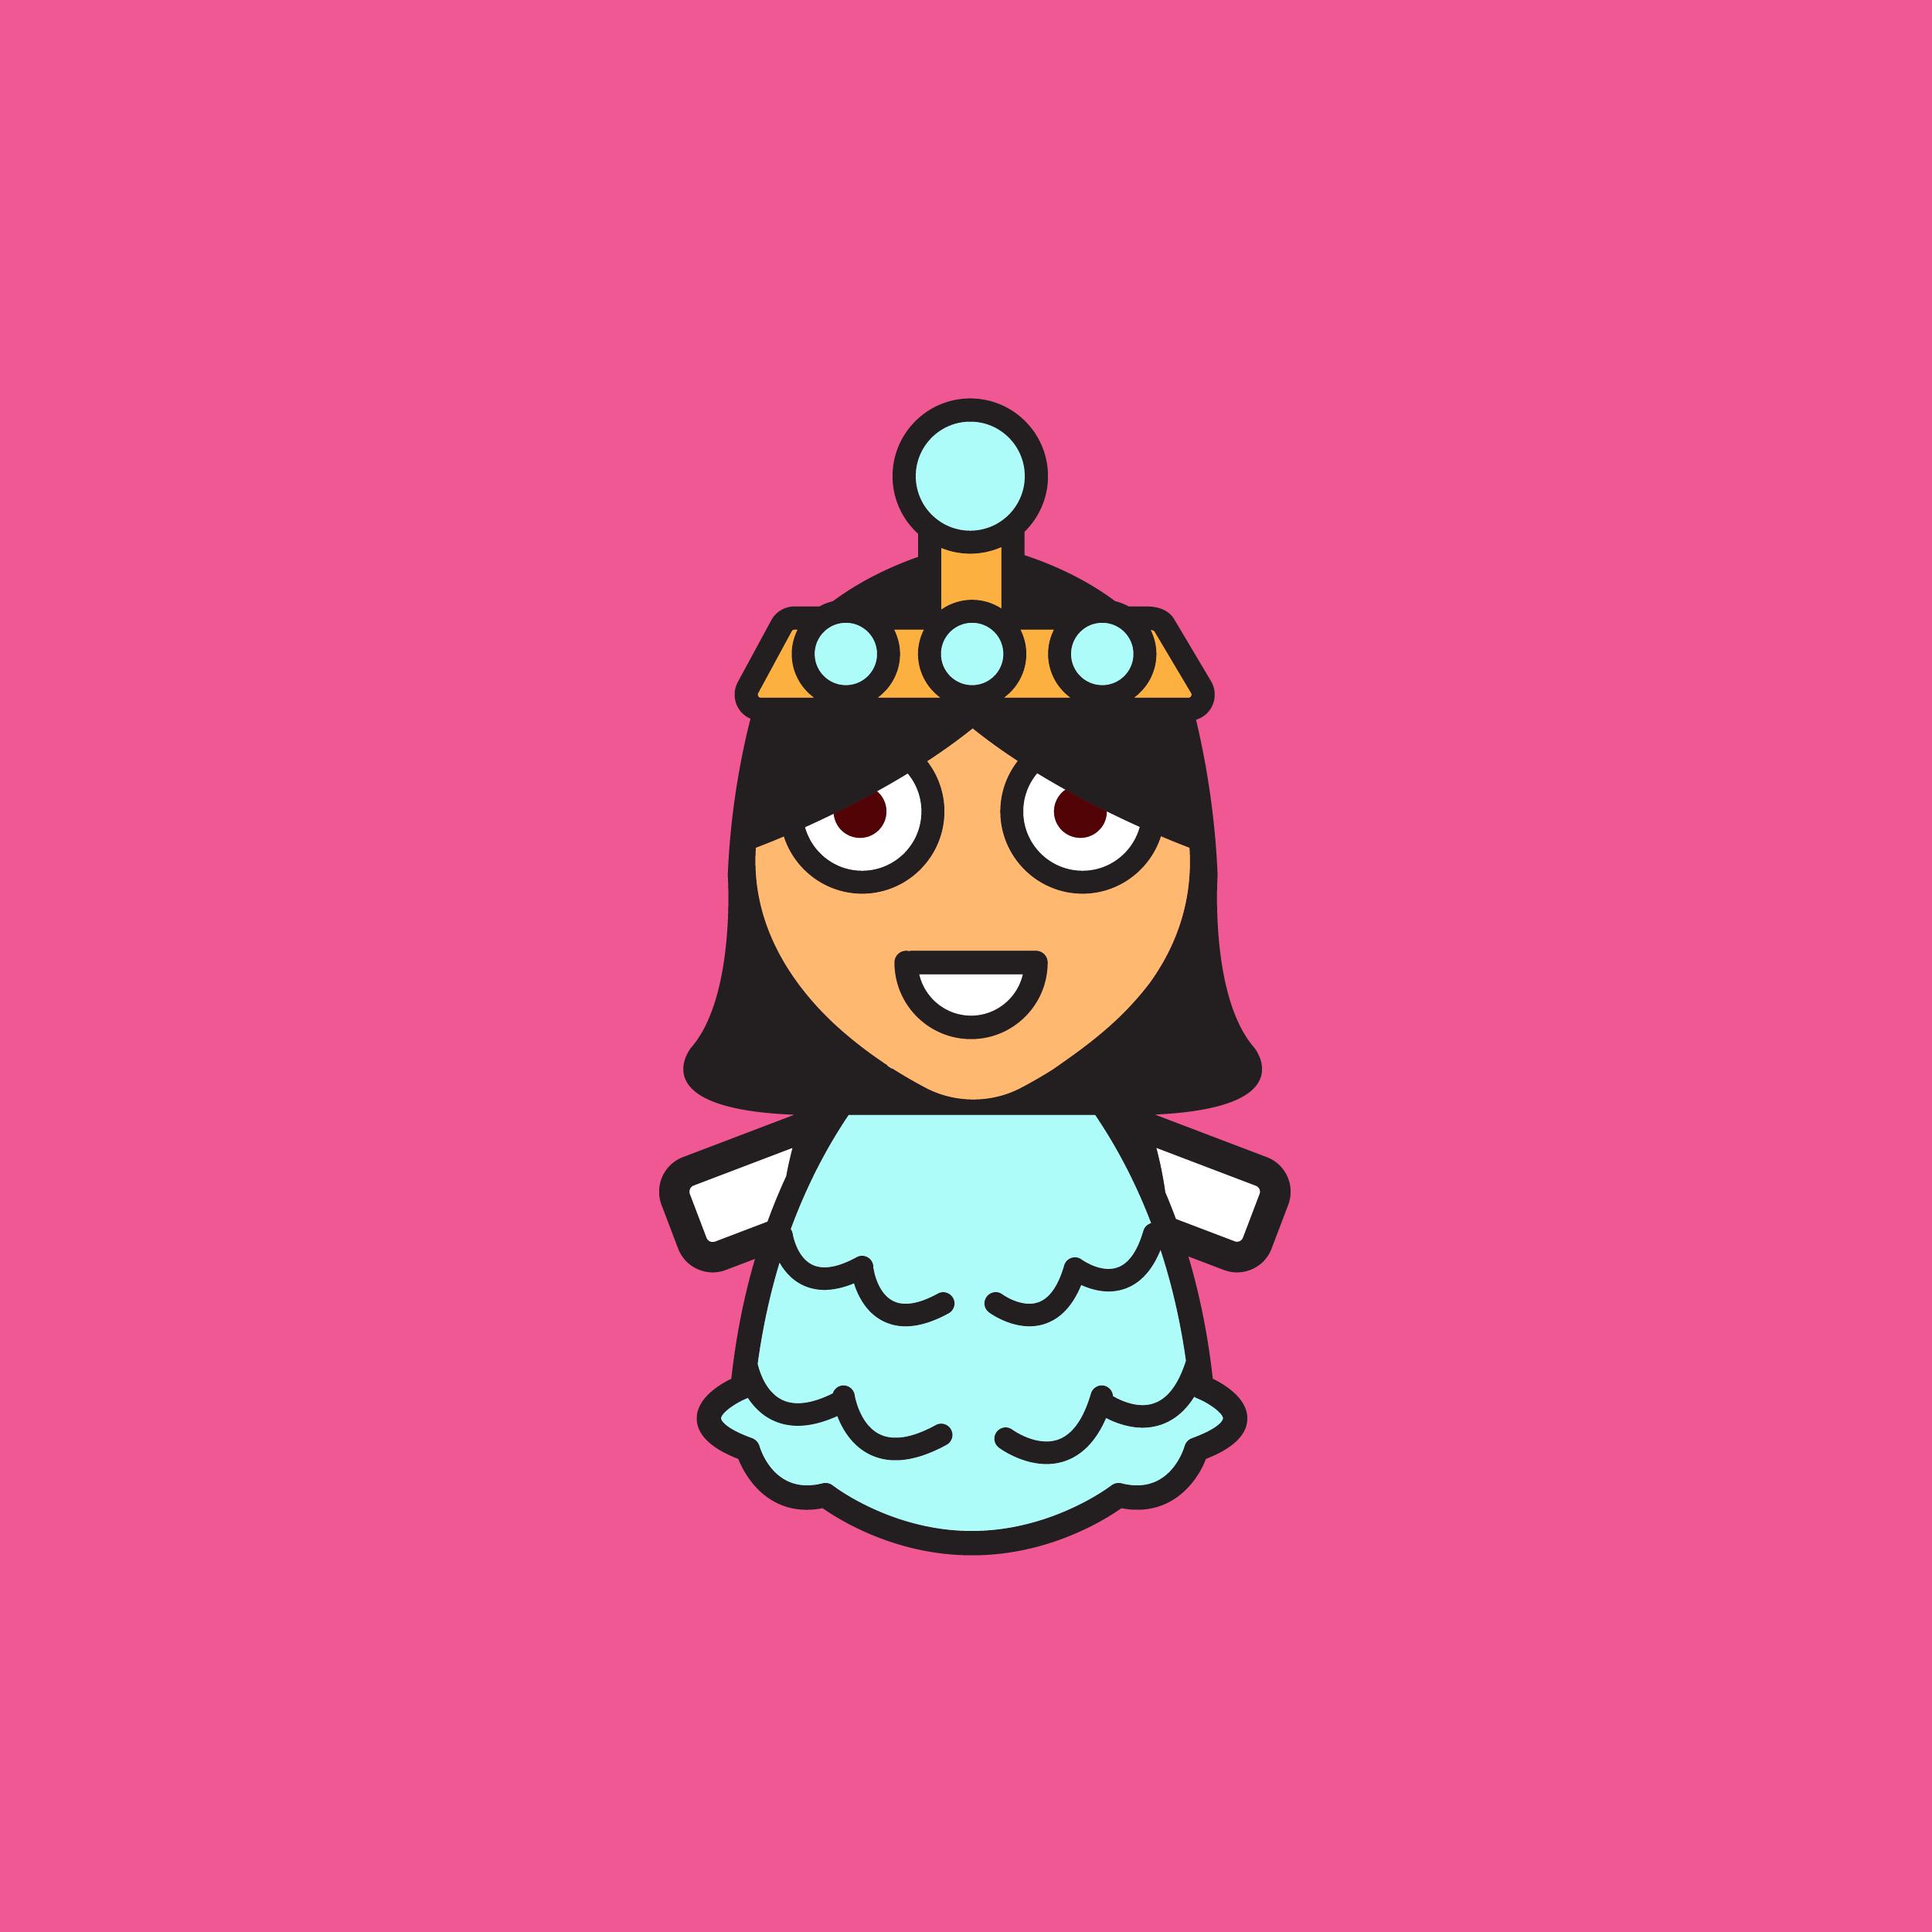 Princess-01.png